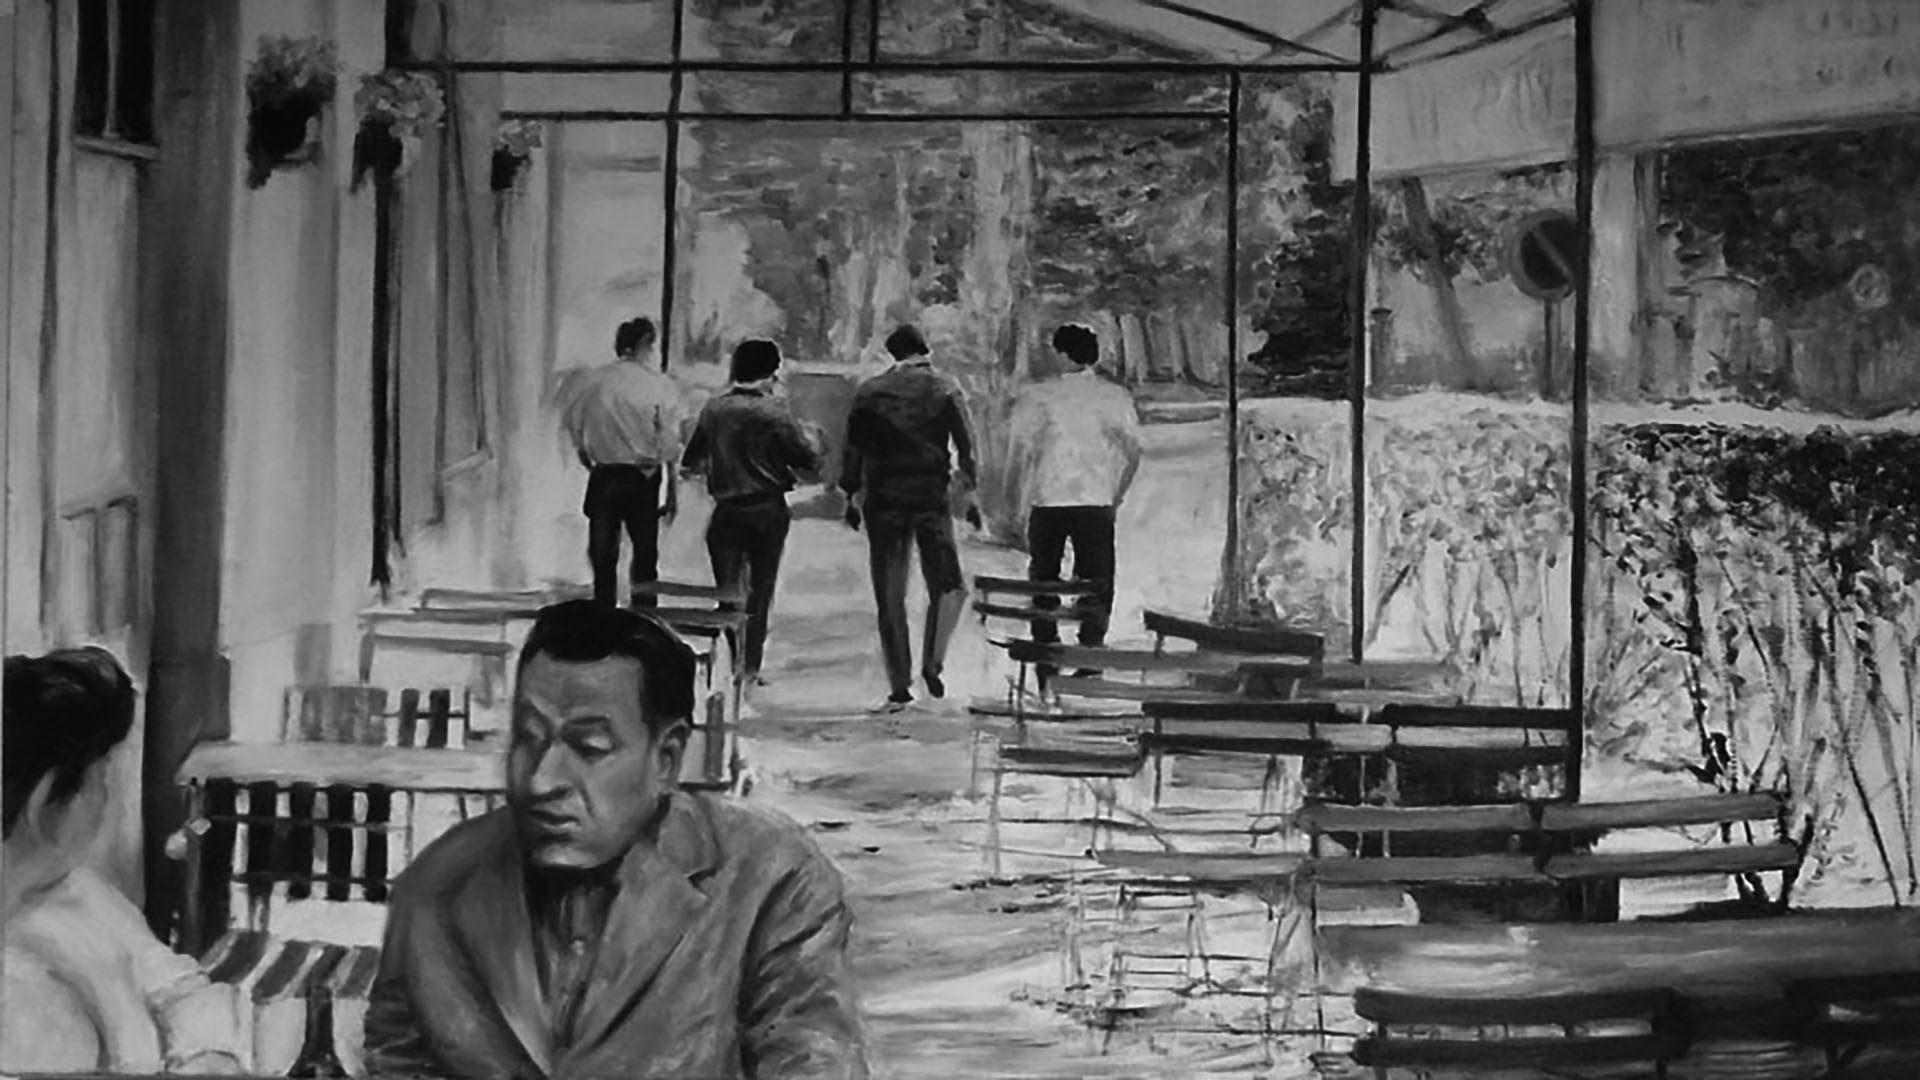 atelier quai 67 - l'image introuvable